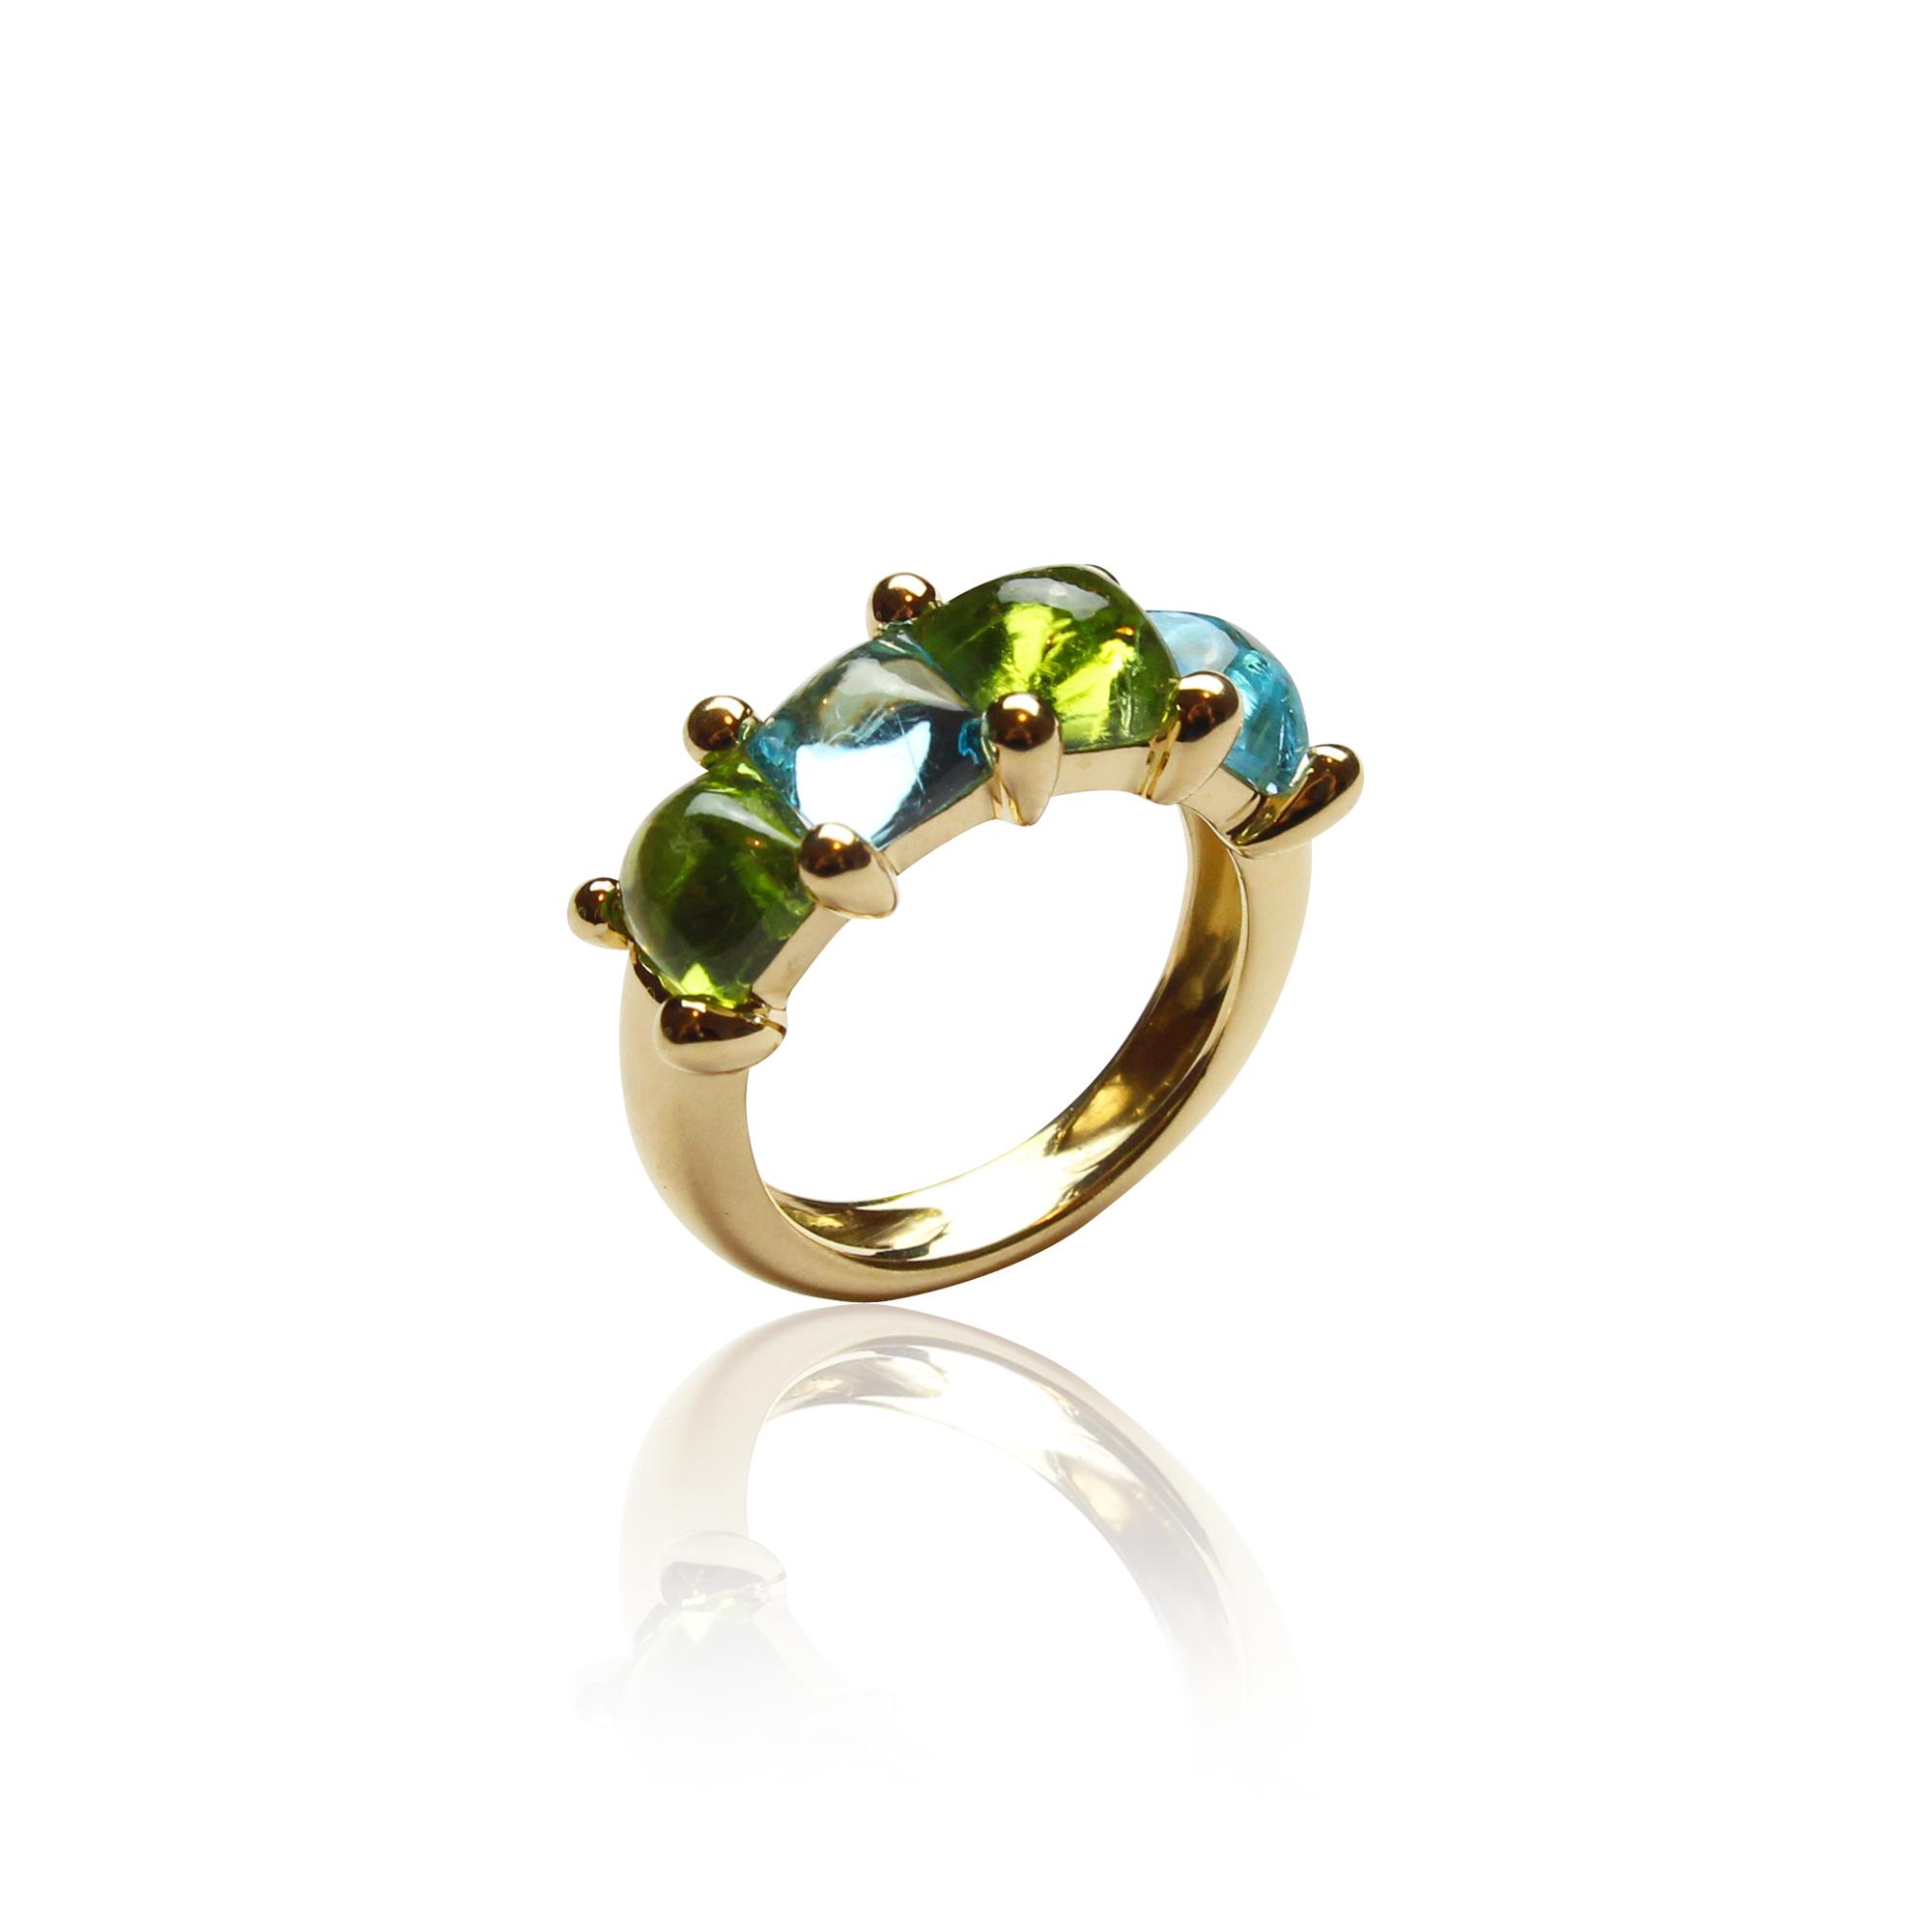 pierścionek paradiso 1203 perdot , niebieski topaz z żółtego złota 18 karatowego z perydotem i topazem błękitnym